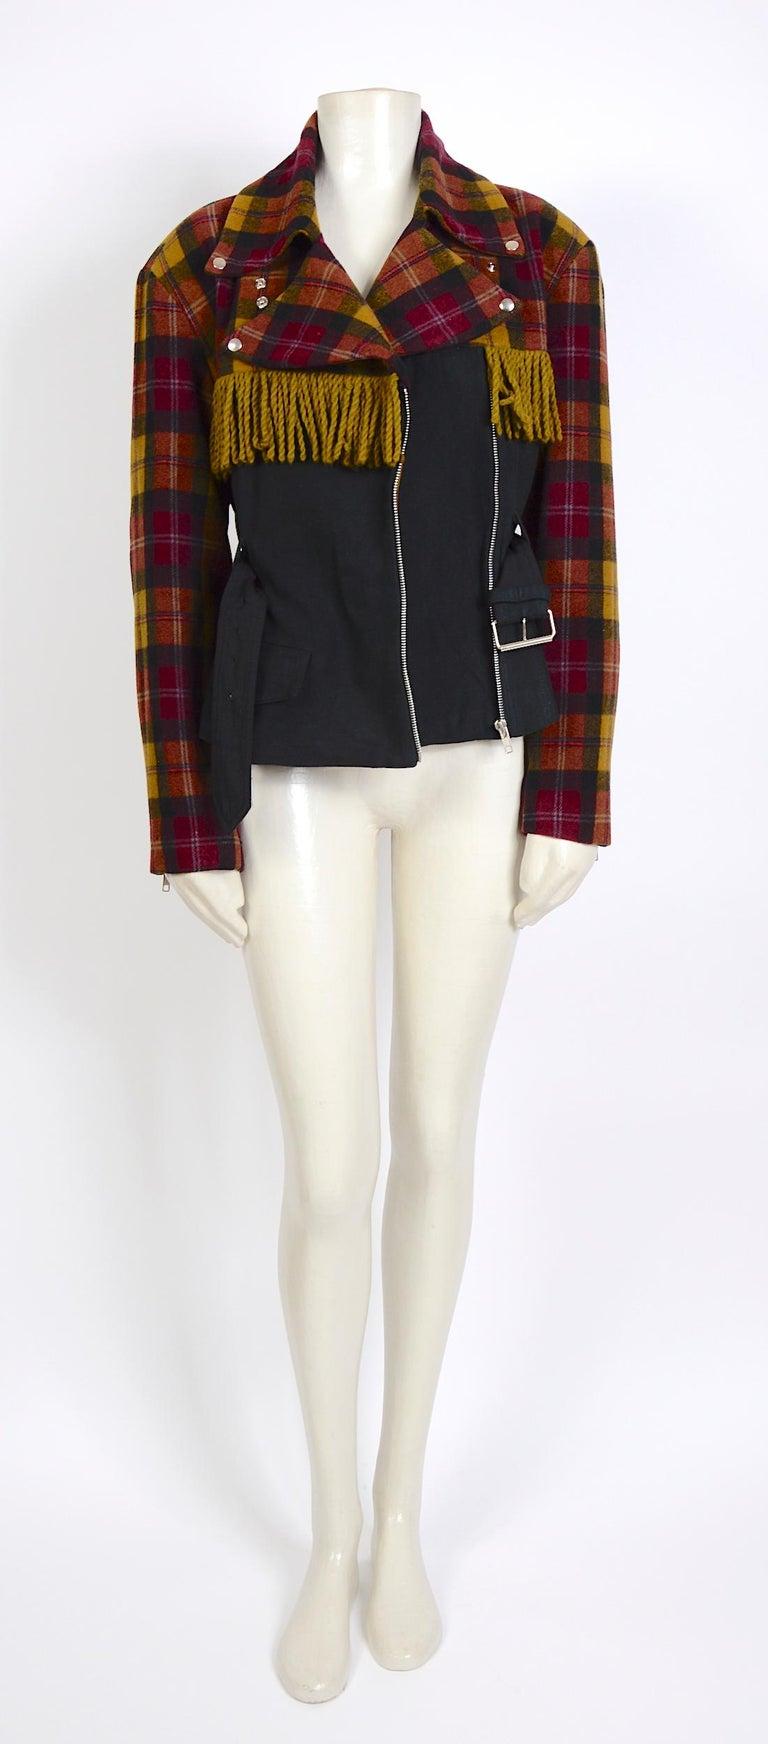 Plein Sud 1980s vintage wool fringed short belted jacket For Sale 2